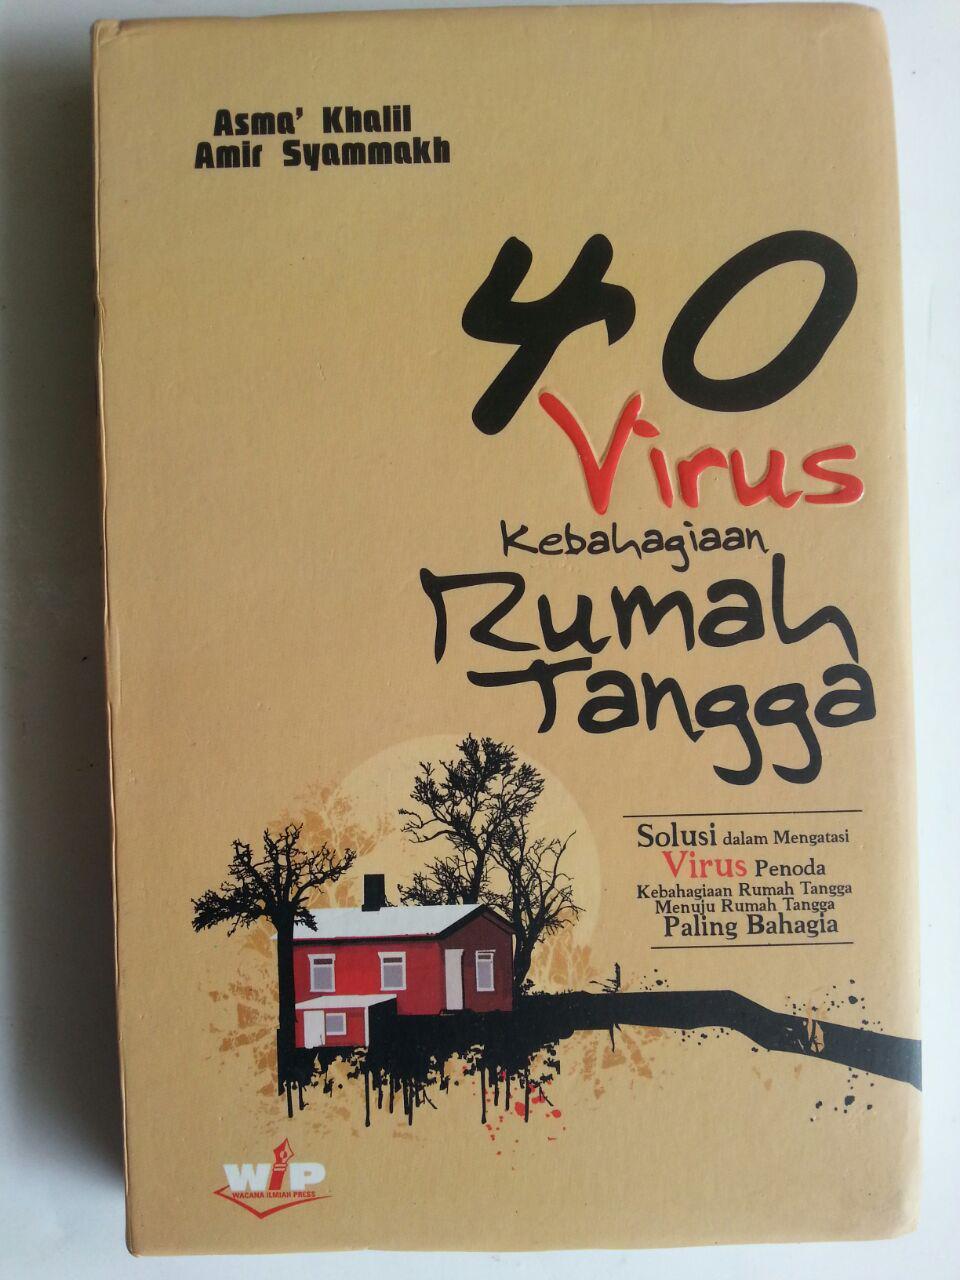 Buku 40 Virus Kebahagiaan Rumah Tangga Solusi Mengatasi Penoda cover 2